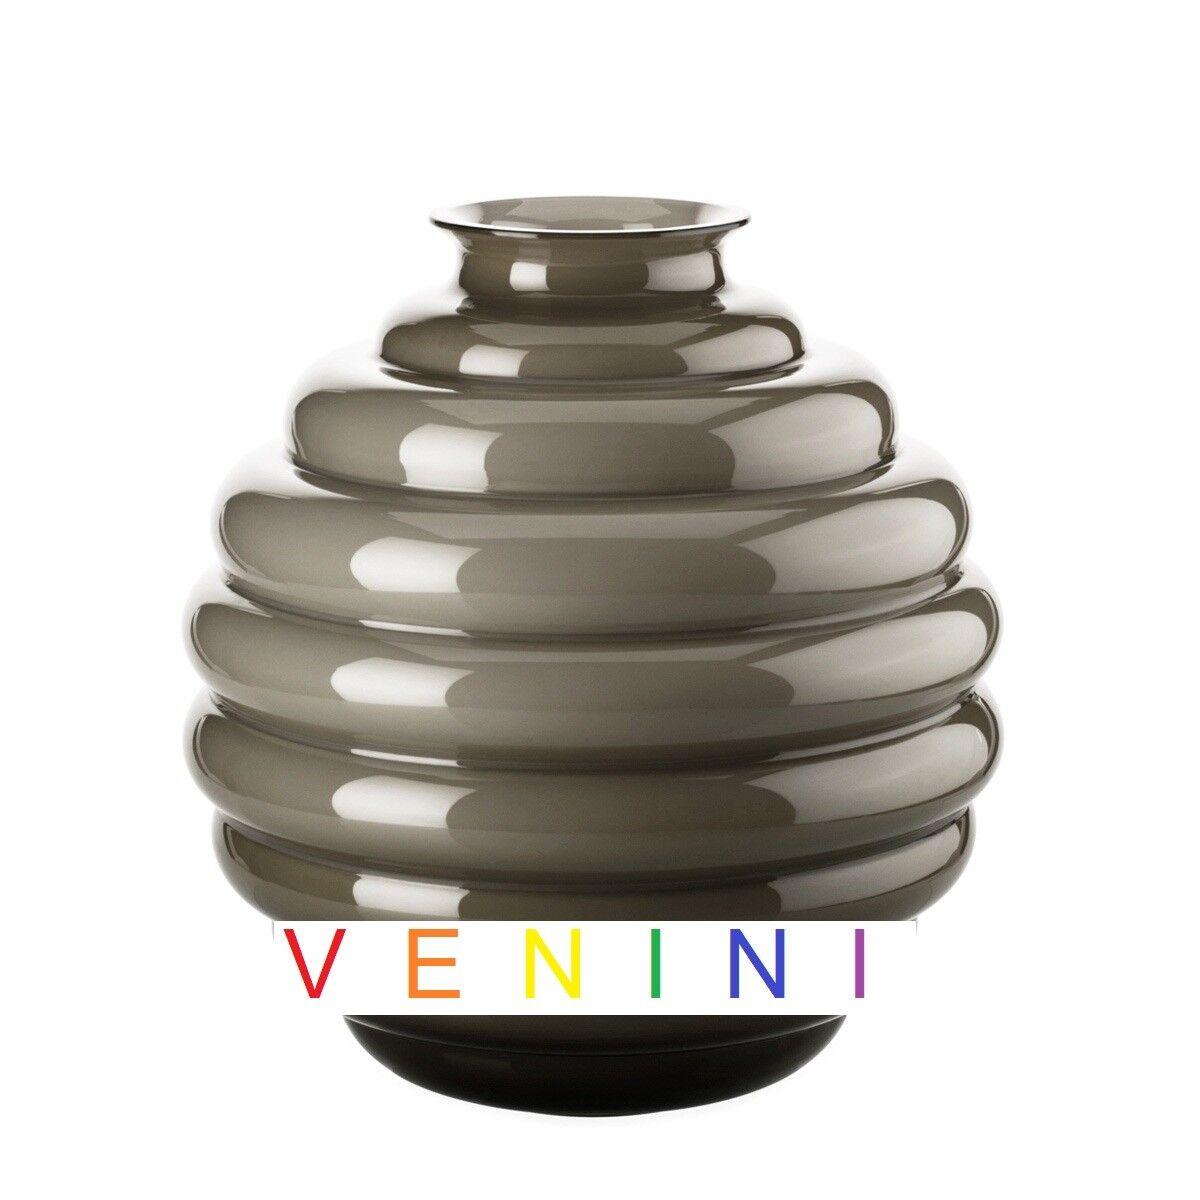 Venini Deko - Vase Deco 707.10 Taupe Venini - Venini Napoleon Maes